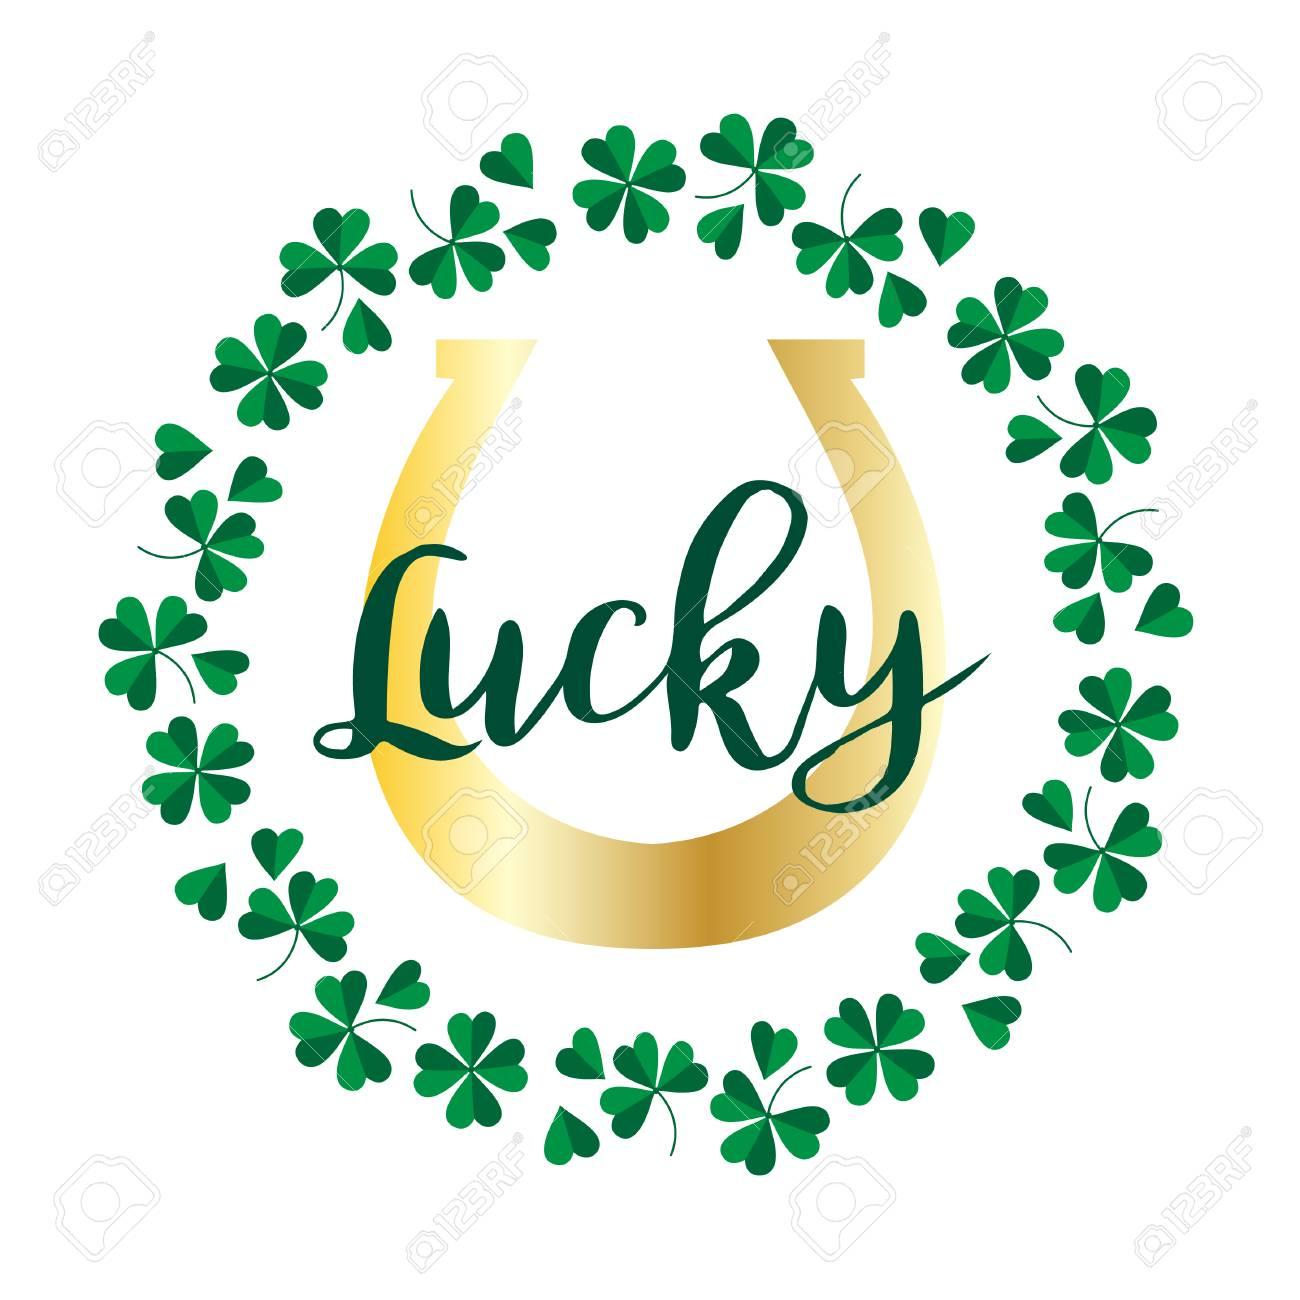 lucky gold horseshoe in shamrock circle frame - 95926452